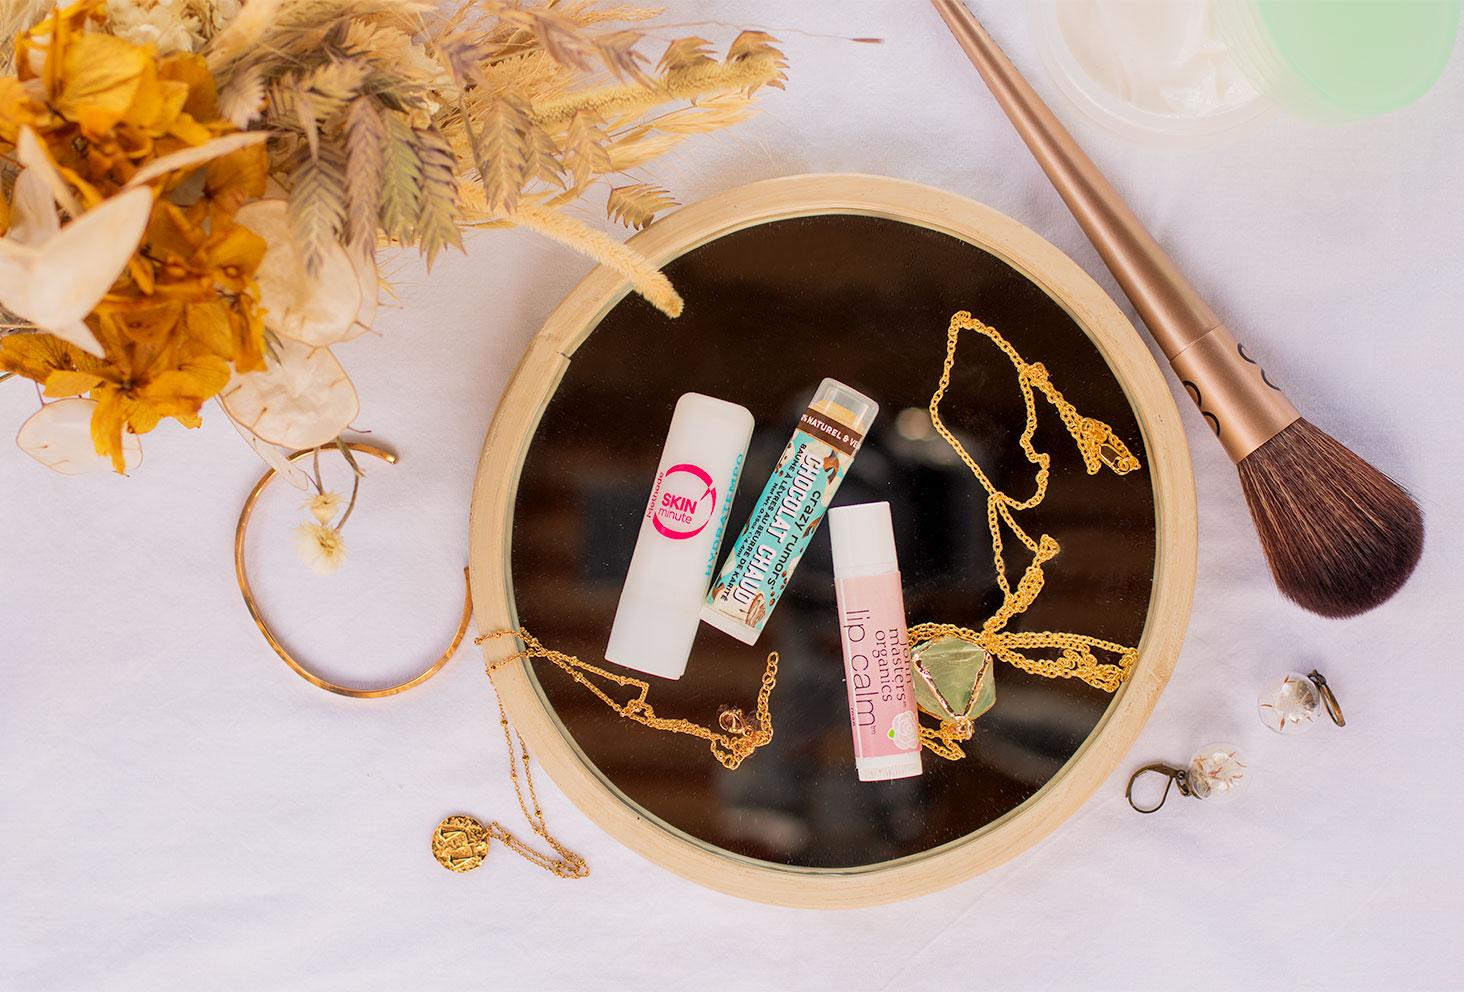 Photo flatlay des 3 meilleurs baumes à lèvres posés sur un miroir au milieu de bijoux et de fleurs séchées